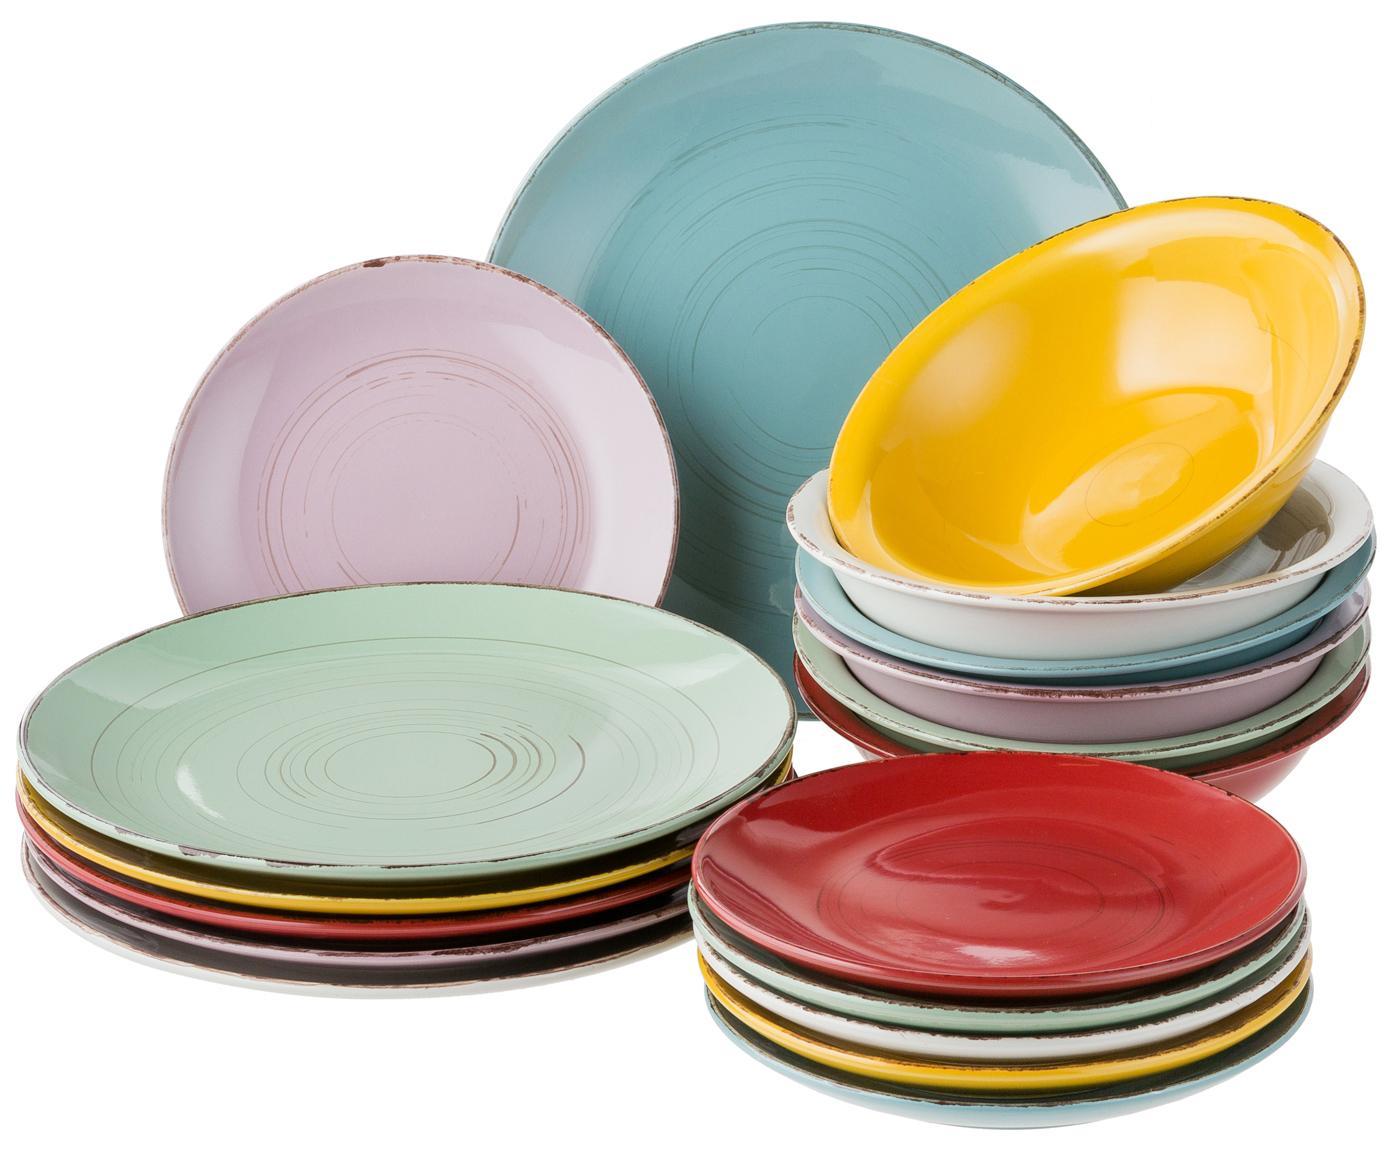 Teller-Set Cascina, 18-tlg., Steingut, handbemalt, Mehrfarbig, Verschiedene Grössen